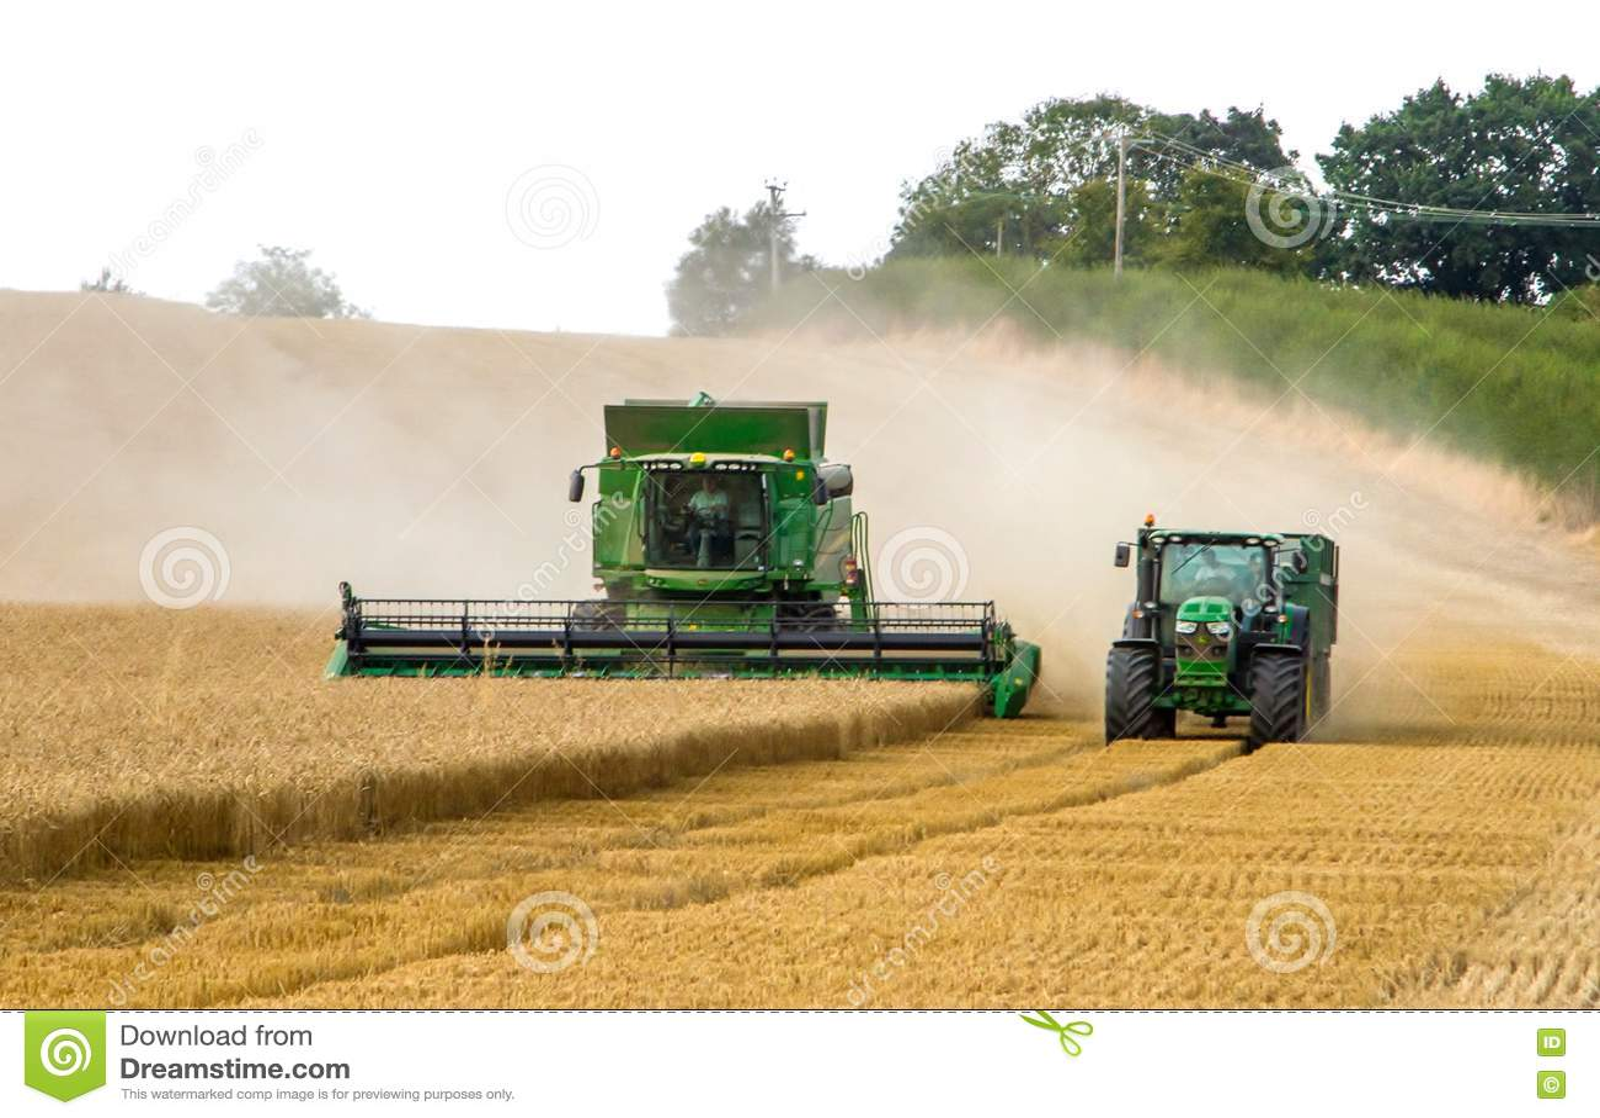 Nowożytnych 9780i cts John deere syndykata żniwiarza tnących upraw kukurydzany pszeniczny jęczmienny pracujący złoty pole